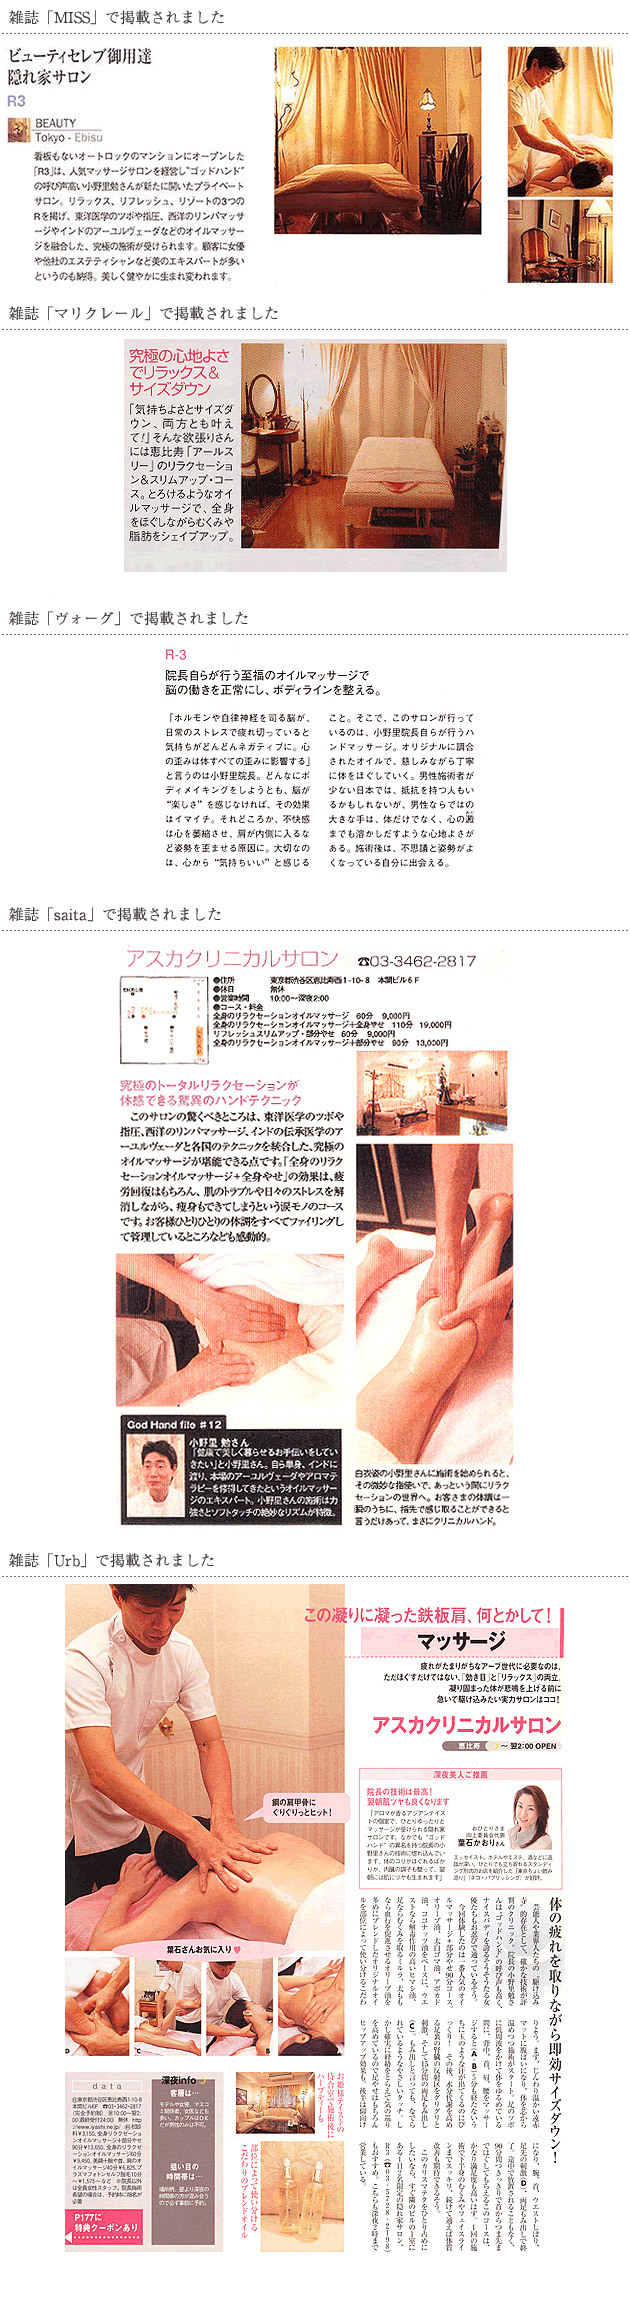 media_index.jpg